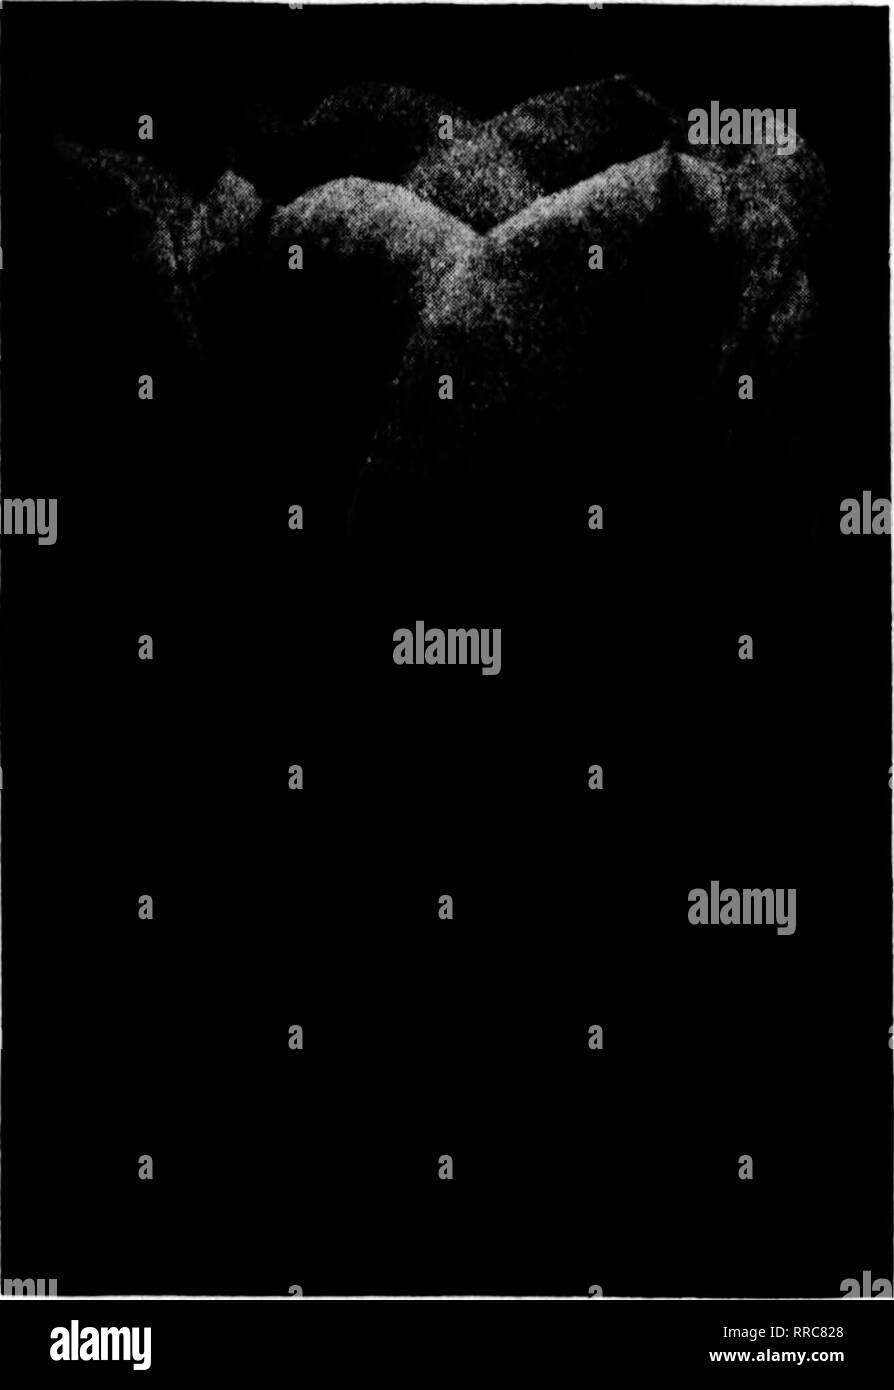 . Fioristi' review [microformati]. Floricoltura. OCTOBEU 20, 1921 l'Rorists* Rcviev 19 sede della lampadina. Primo singolo dimensioni denominato giacinti Amy, luminoso carmine. | arand Maltre, luminosa porcellana. Cliaa. Dickens Bine, porcellana. Xln^ di Bines, blu profondo. Lo Zar Feter, porcellana. Irfi Oraudease, Snow White. Olgrantea, carne plnlc. | Bol des Belffes, rosso profondo. Prezzo di sopra, $7.60 per 100; 867.50 per 1000. Singolo secondo dimensioni denominato giacinti città di Haarlem, giallo oro. Lo Zar Feter, porcellana blu. Oertmde, rosa luminoso. Gisrantea, rosa carne. Orand Maltre, luminosa porcellana. Kingr di Bines, profondo blu Immagini Stock